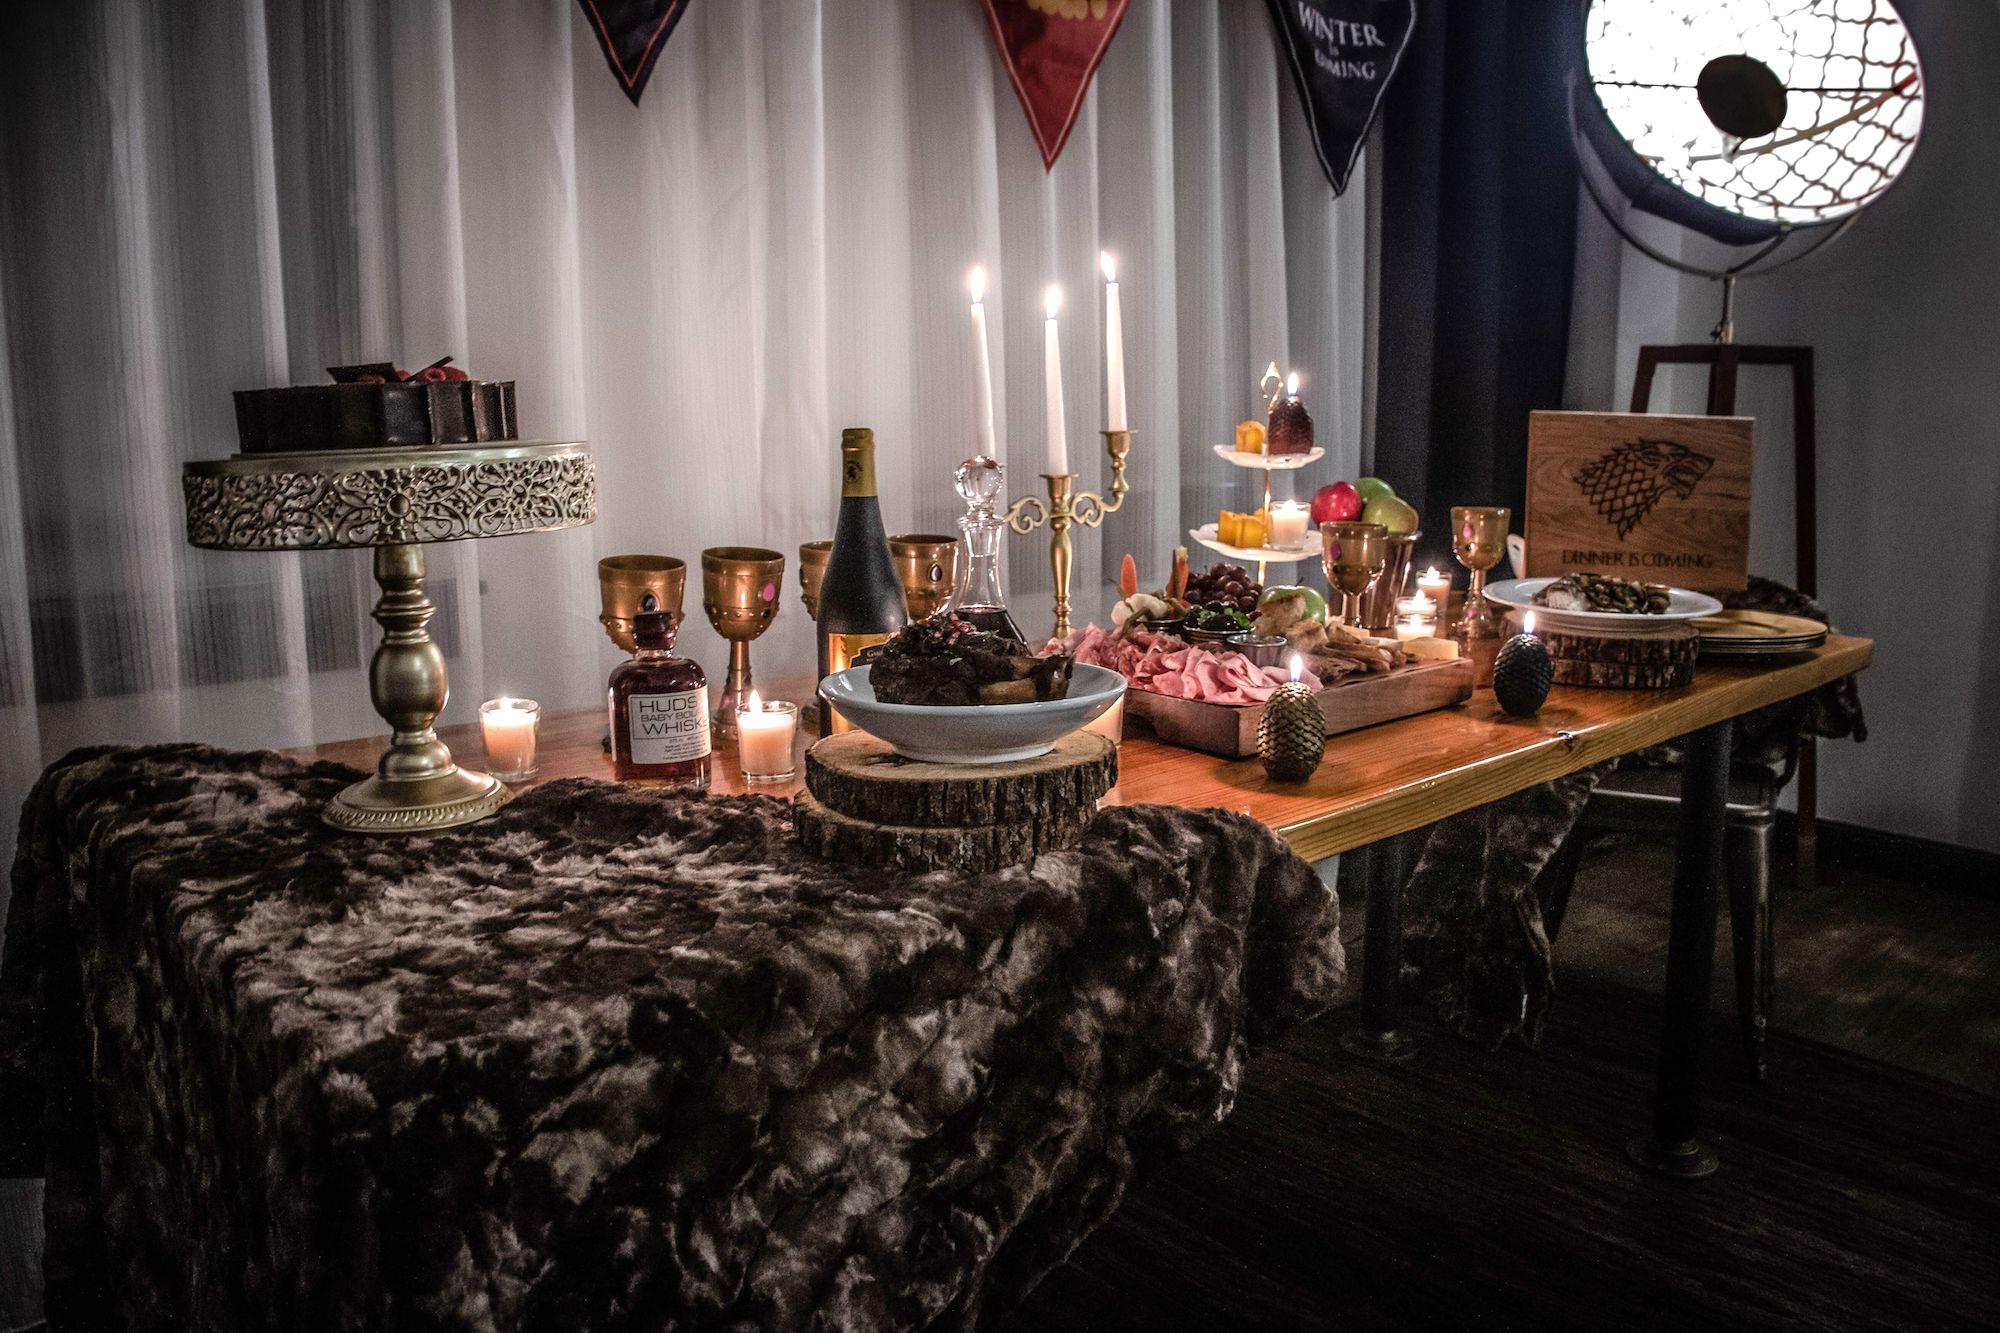 La stanza è disponibile nelle domeniche in vengono messi in onda gli episodi